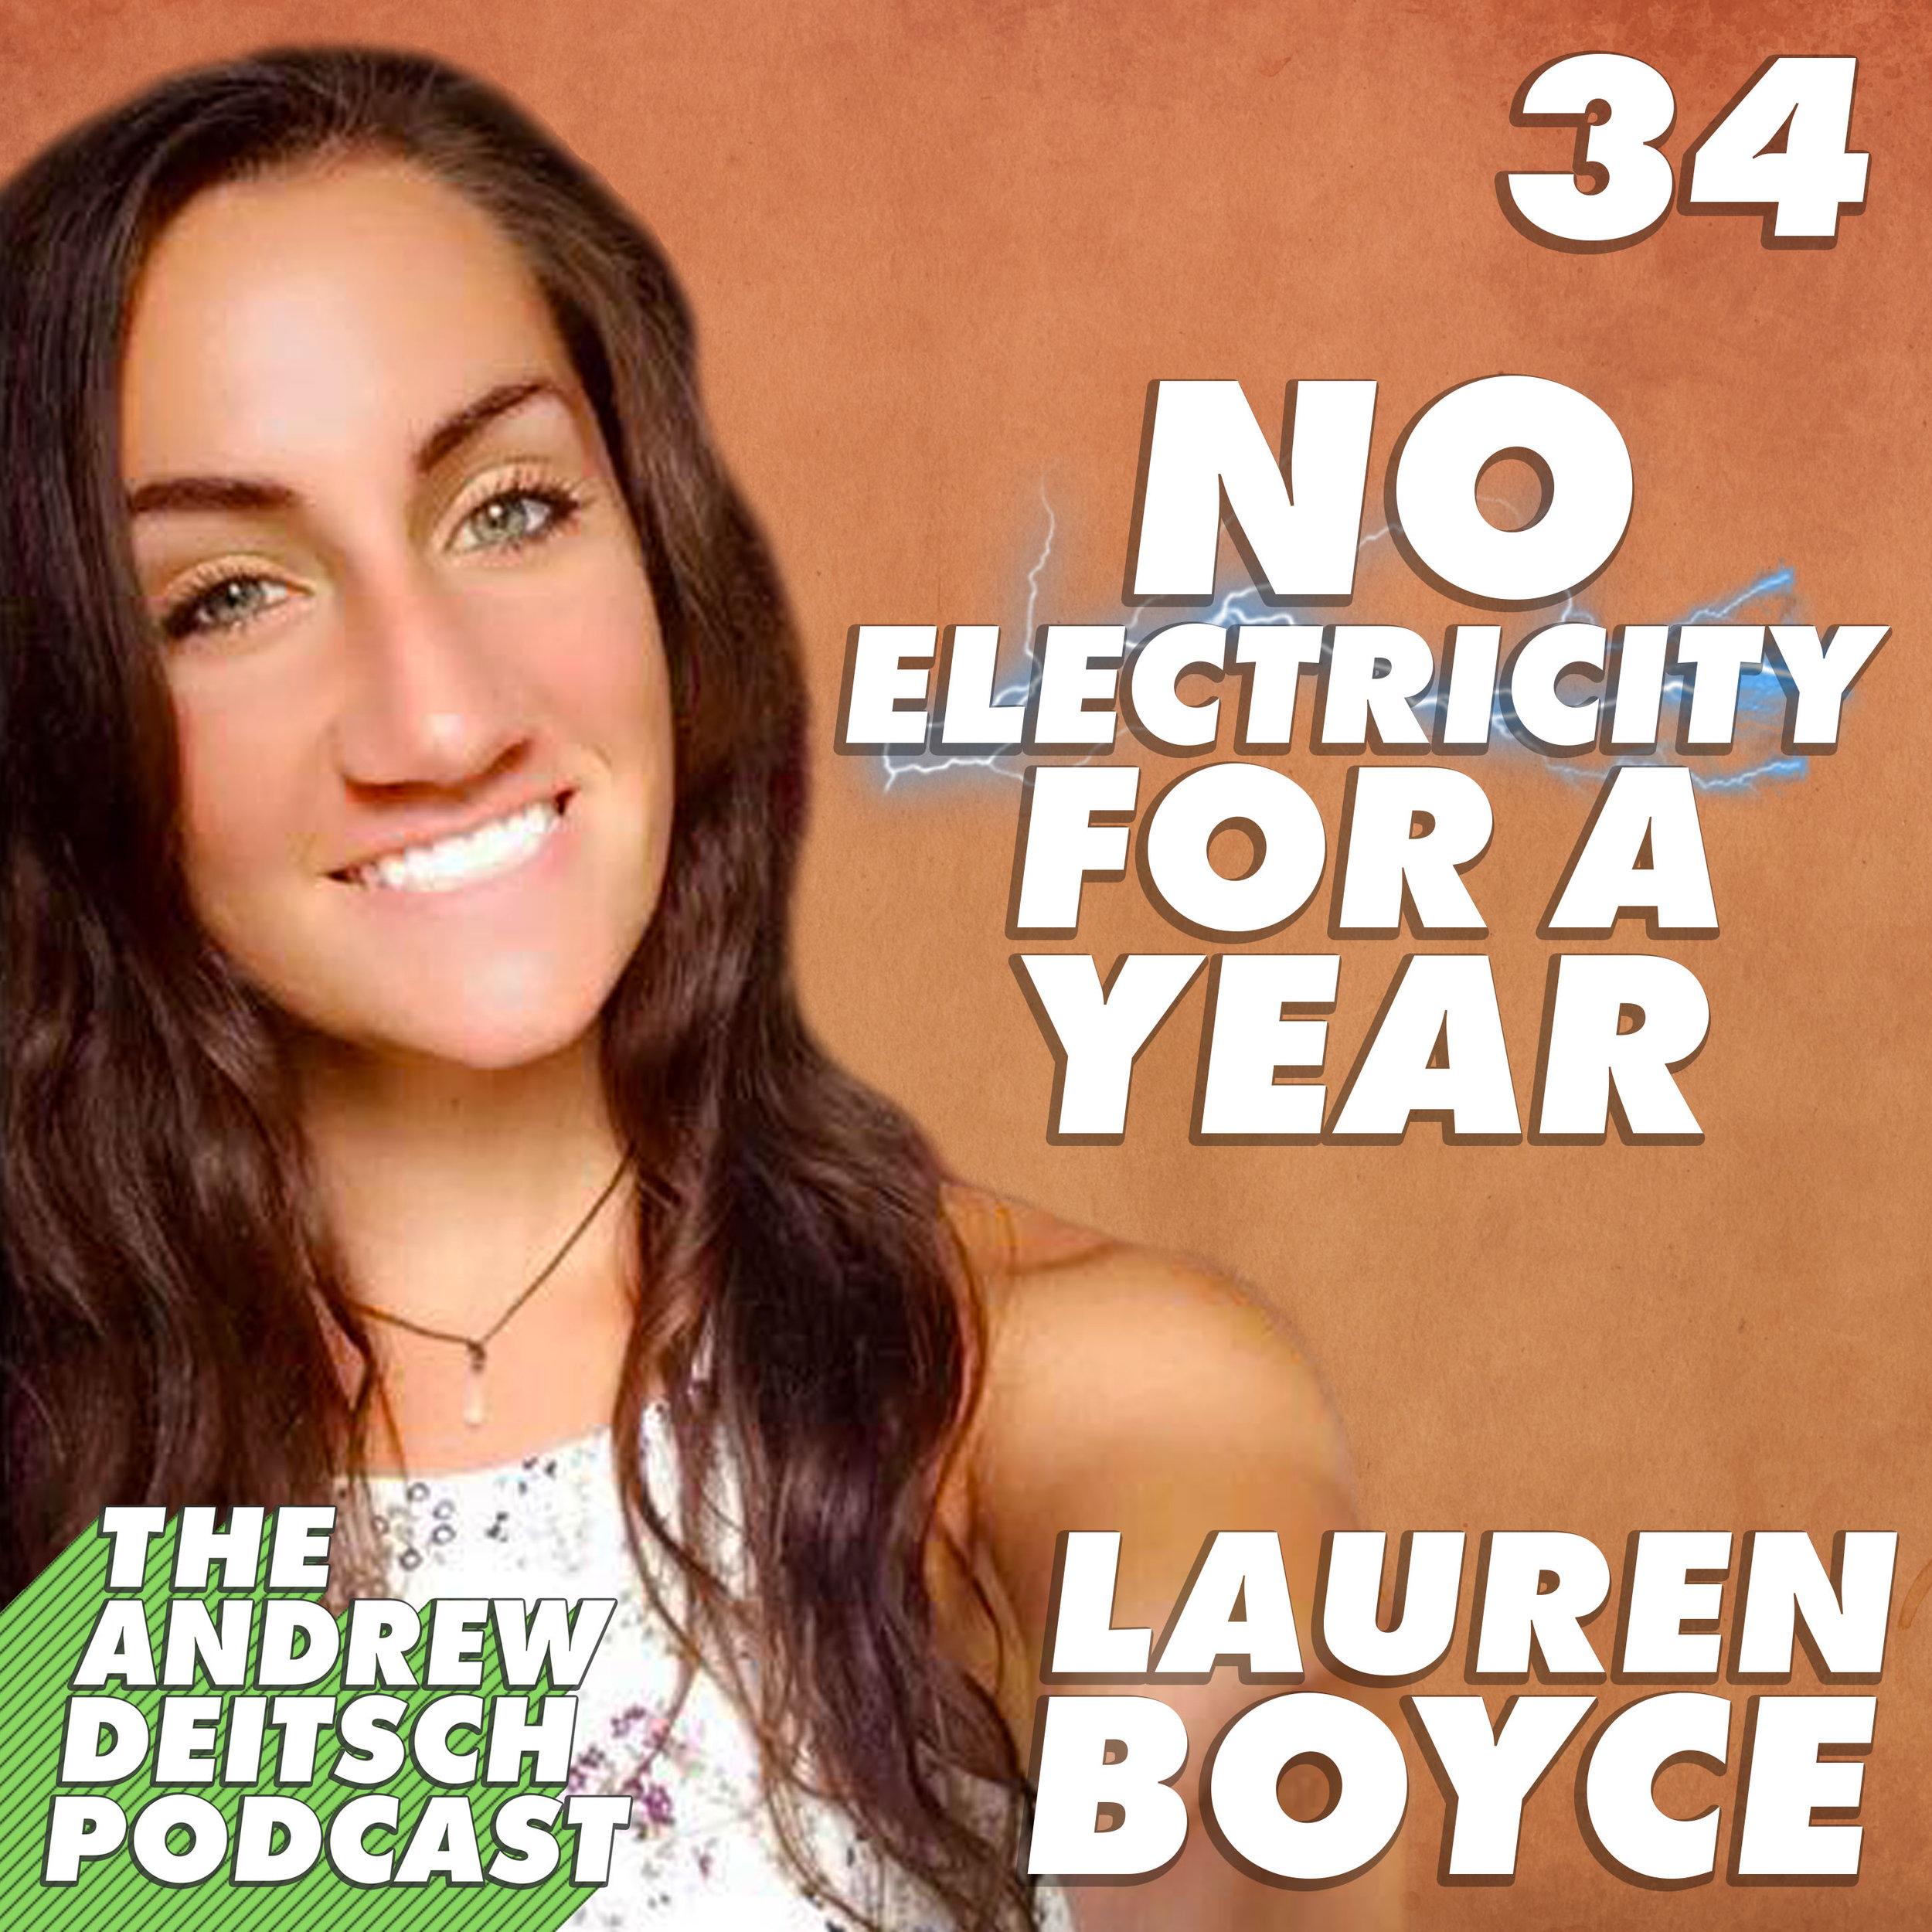 34-Lauren-Boyce